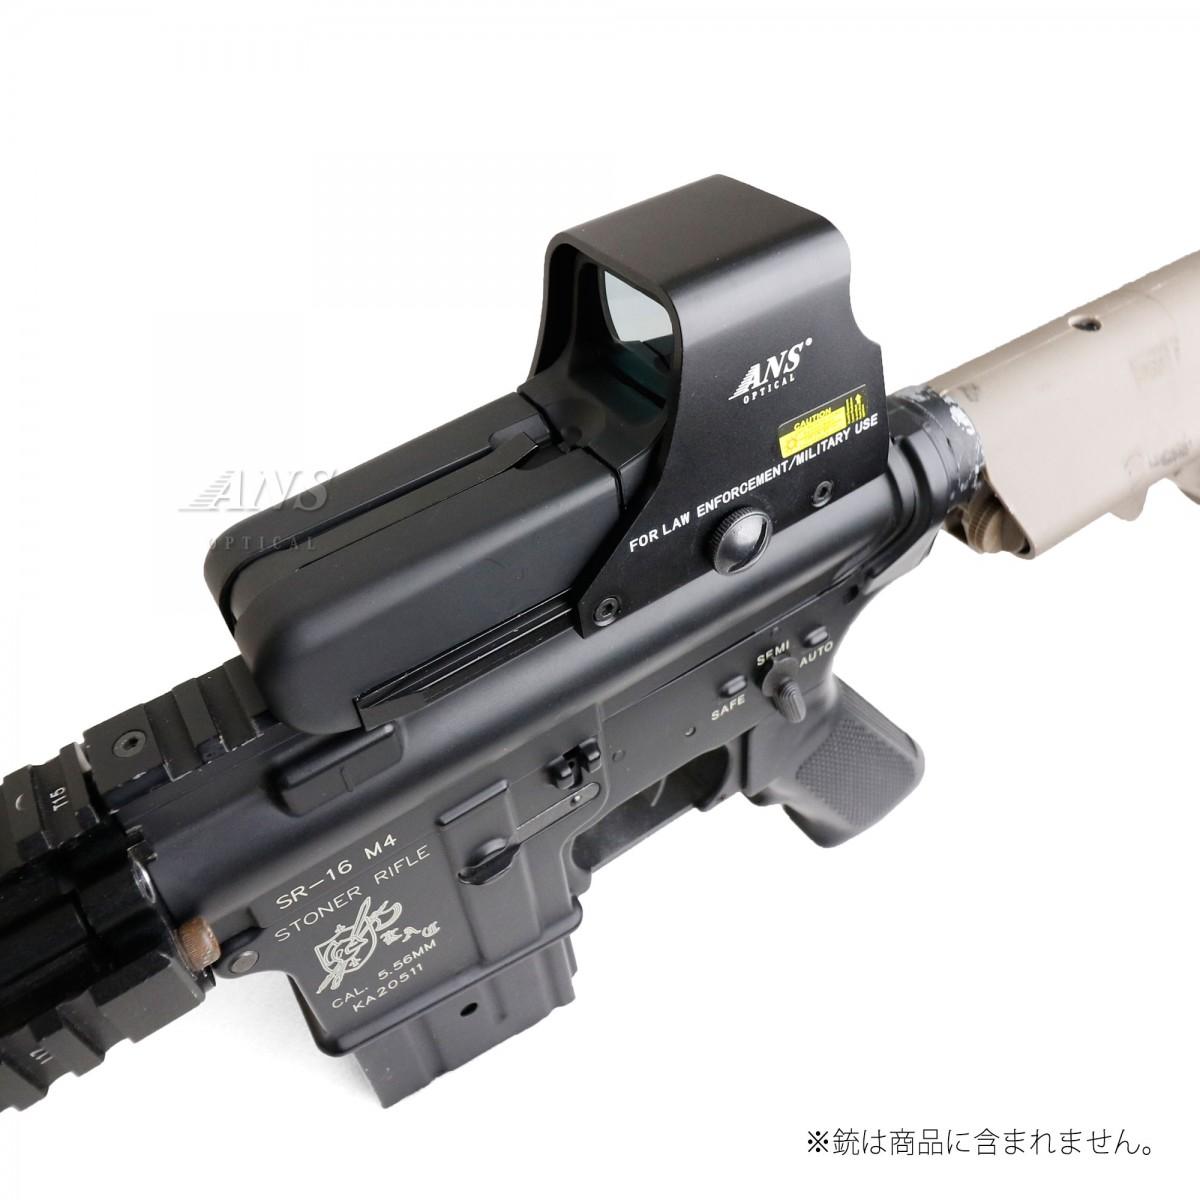 Eo.HD552 A65 タイプ ホロサイト型 ドットサイト